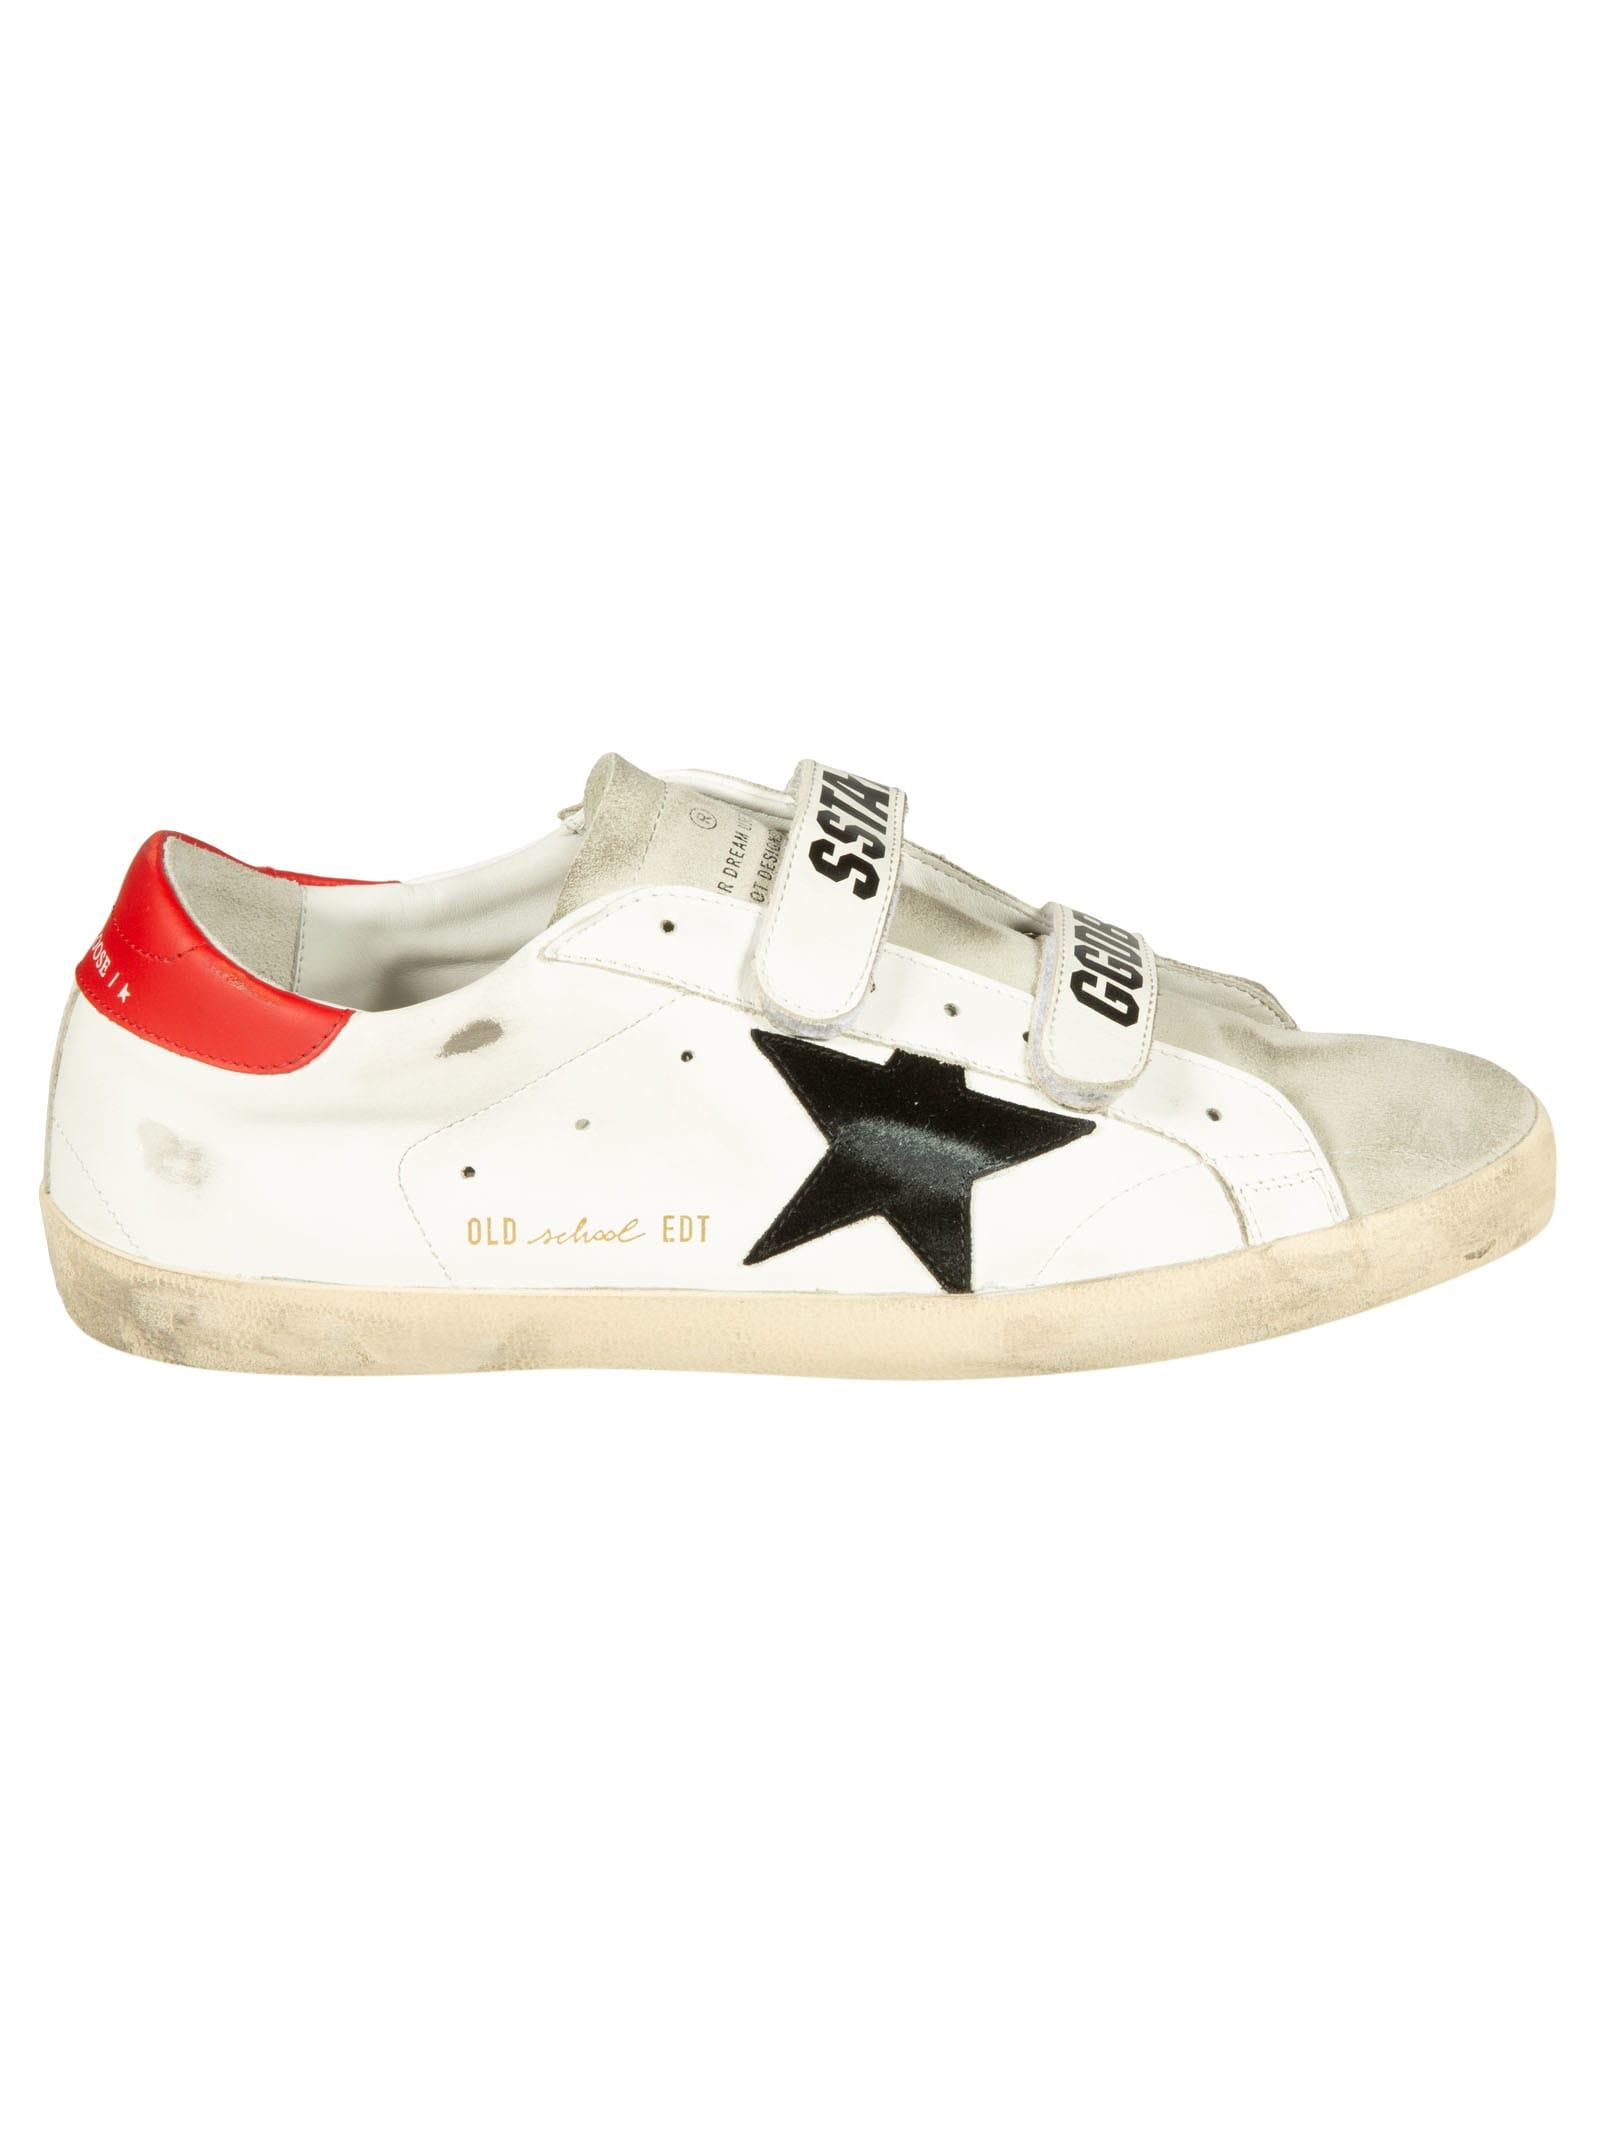 Old School Sneakers from Golden Goose